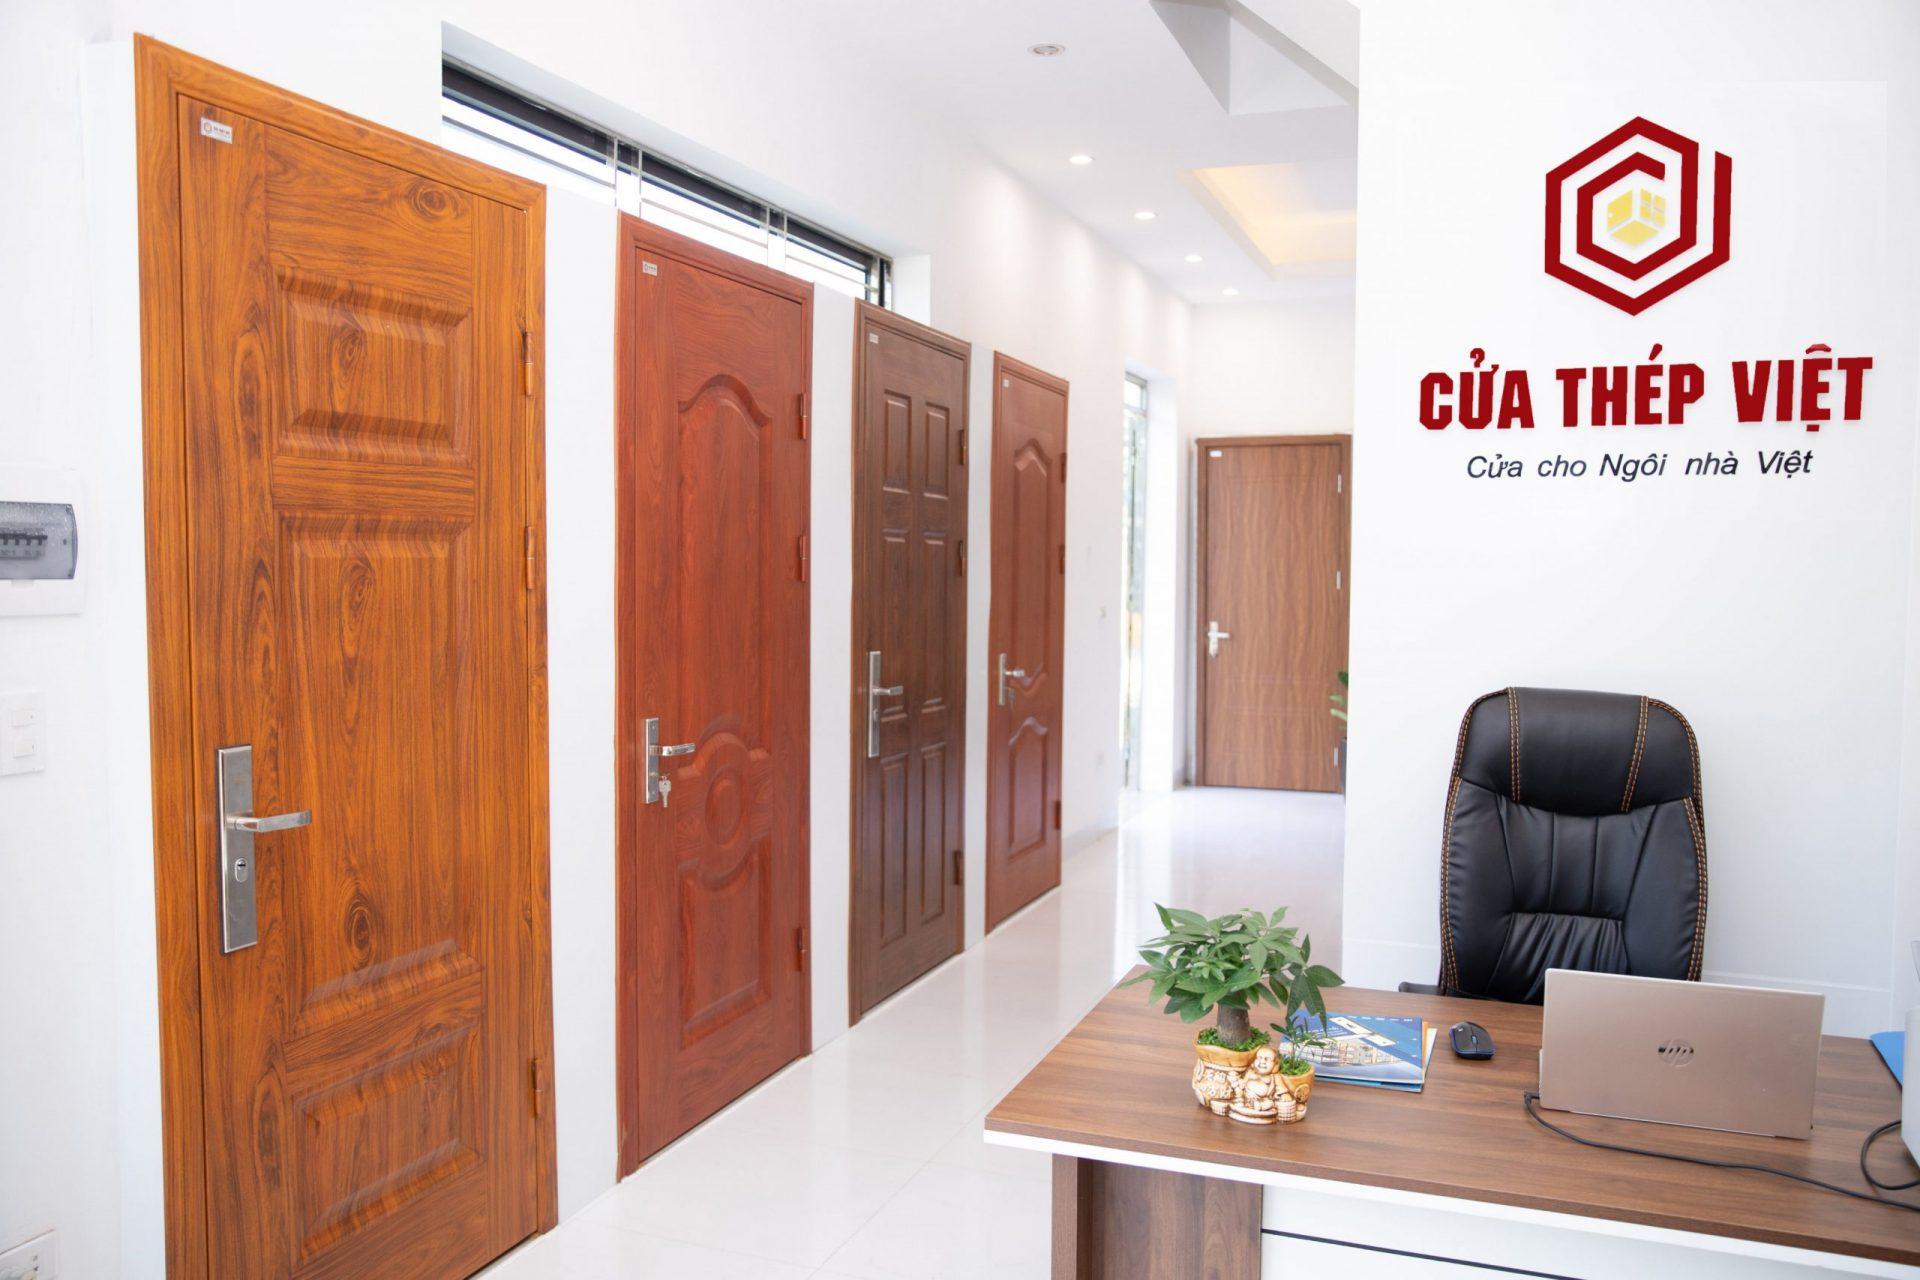 Vì sao nên chọn mua cửa thép chống cháy tại Cửa thép Việt?